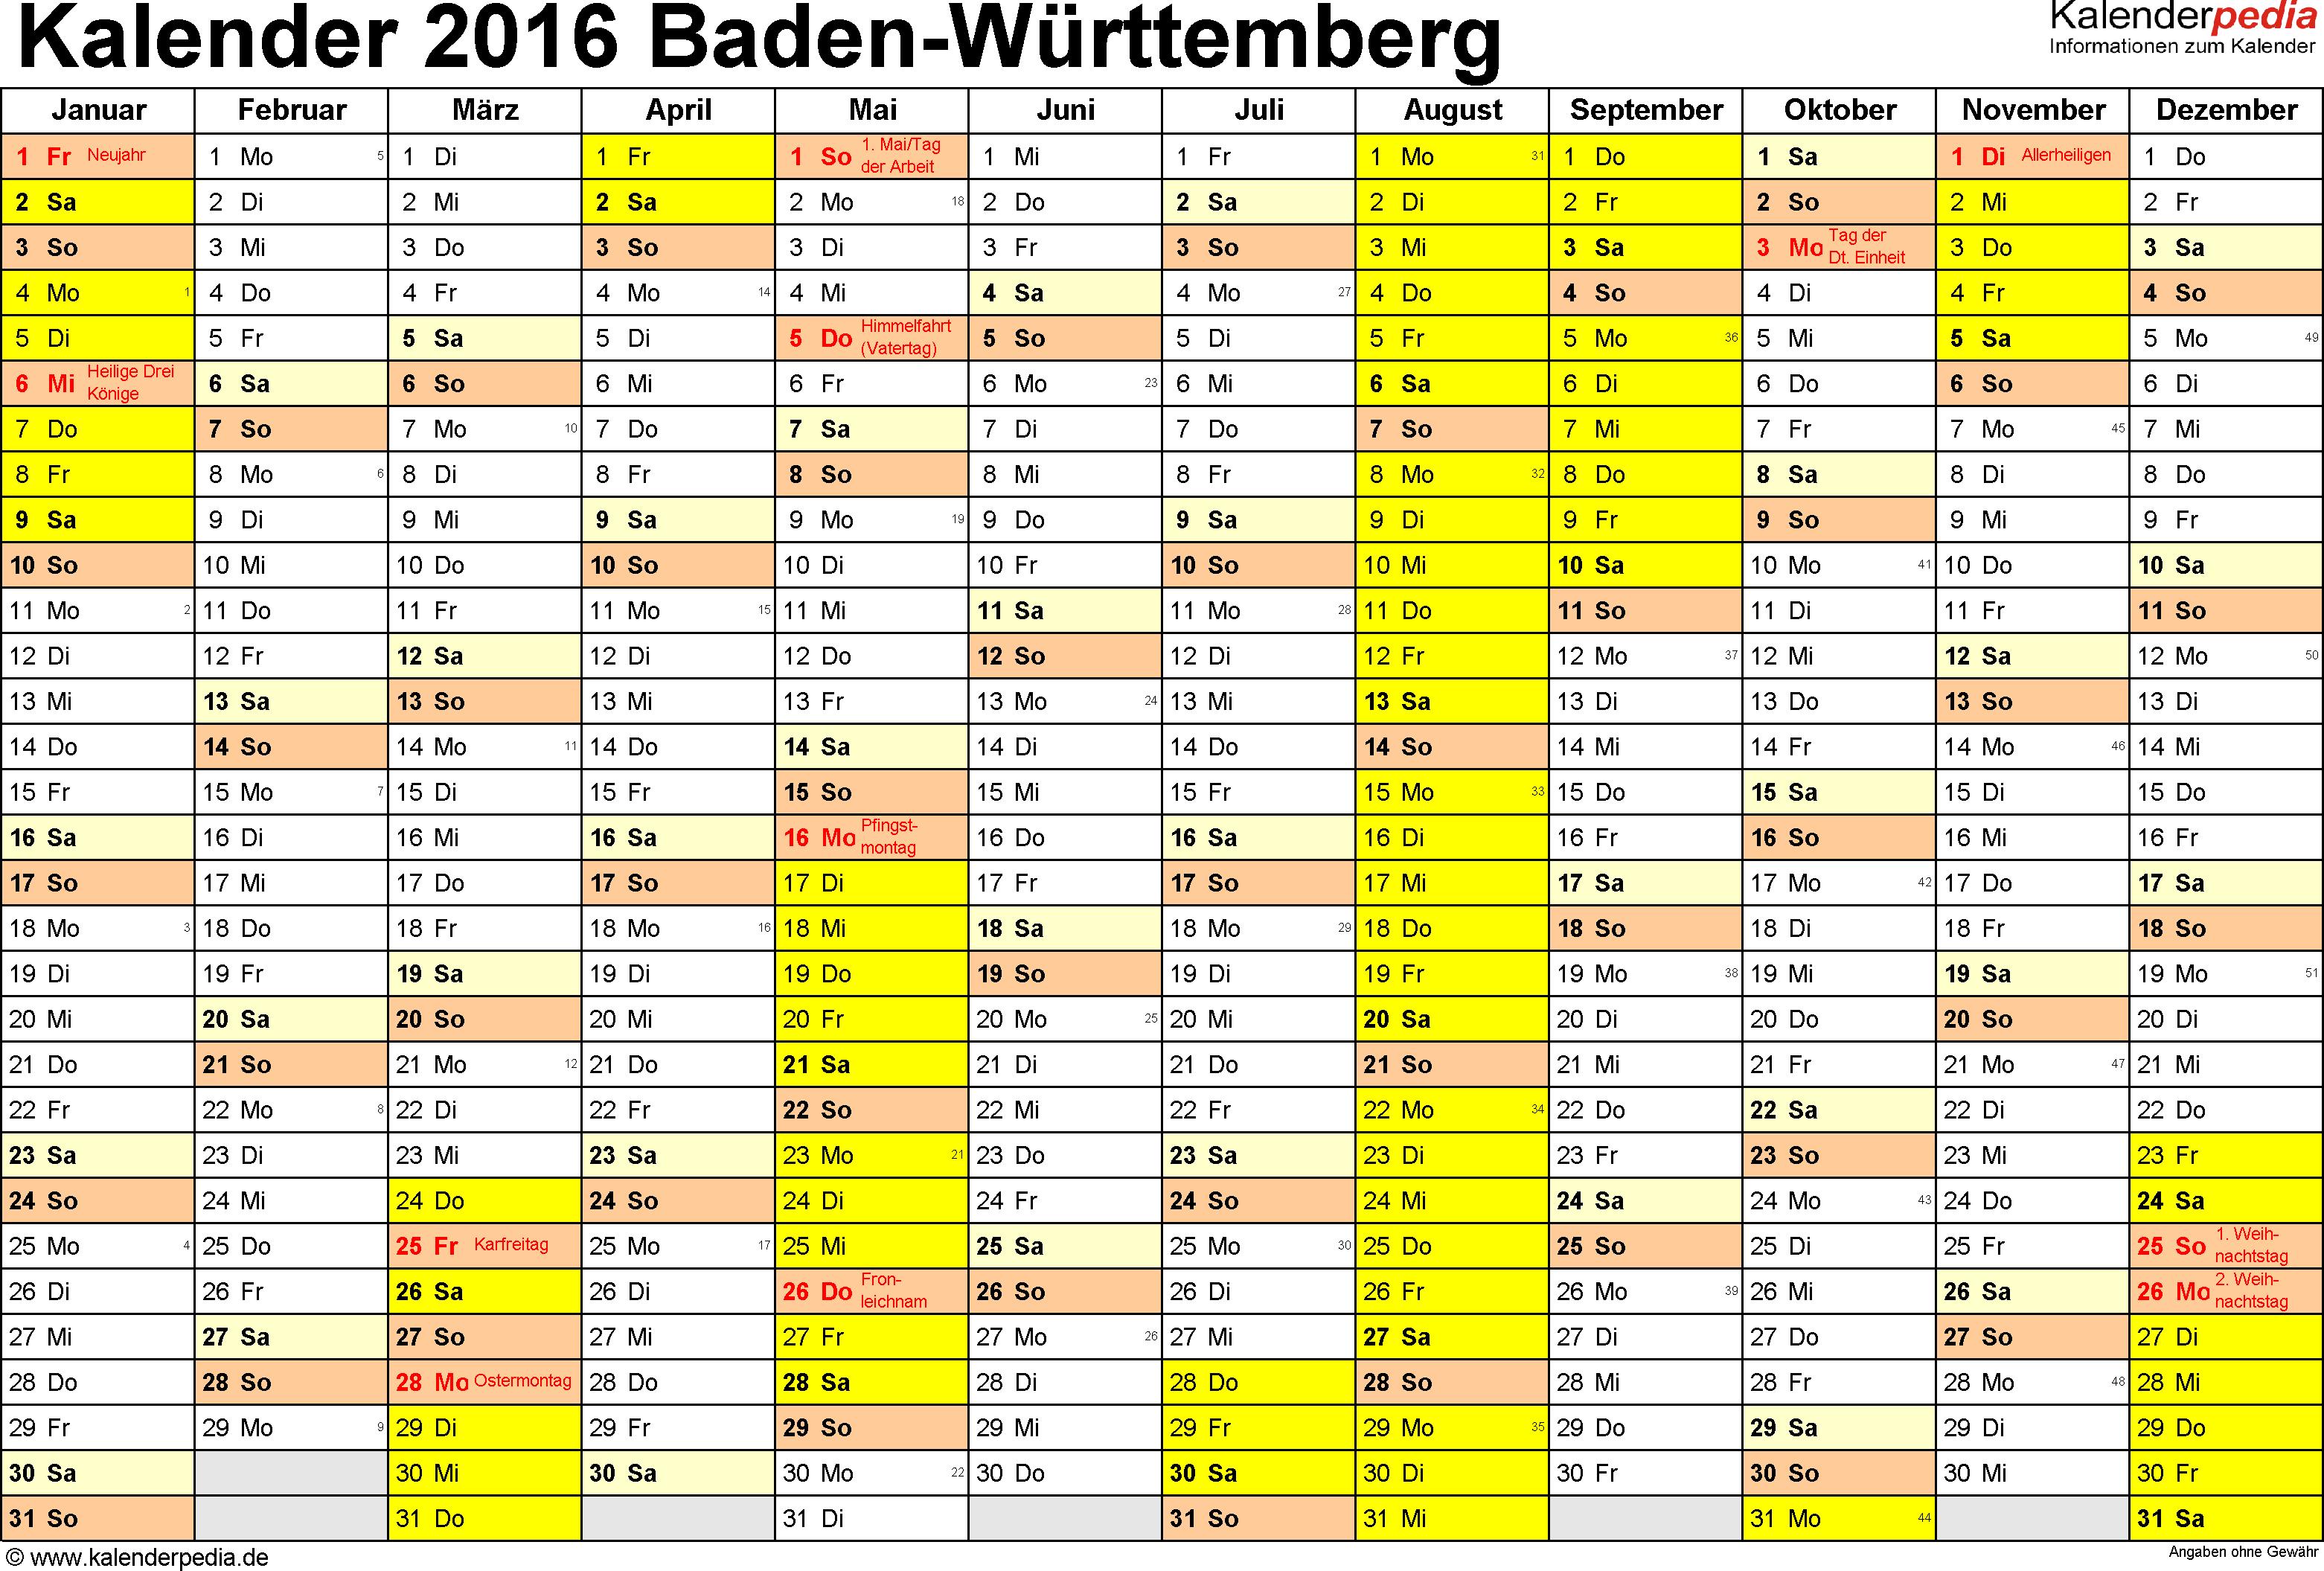 Vorlage 1: Kalender 2016 für Baden-Württemberg als PDF-Vorlagen (Querformat, 1 Seite)